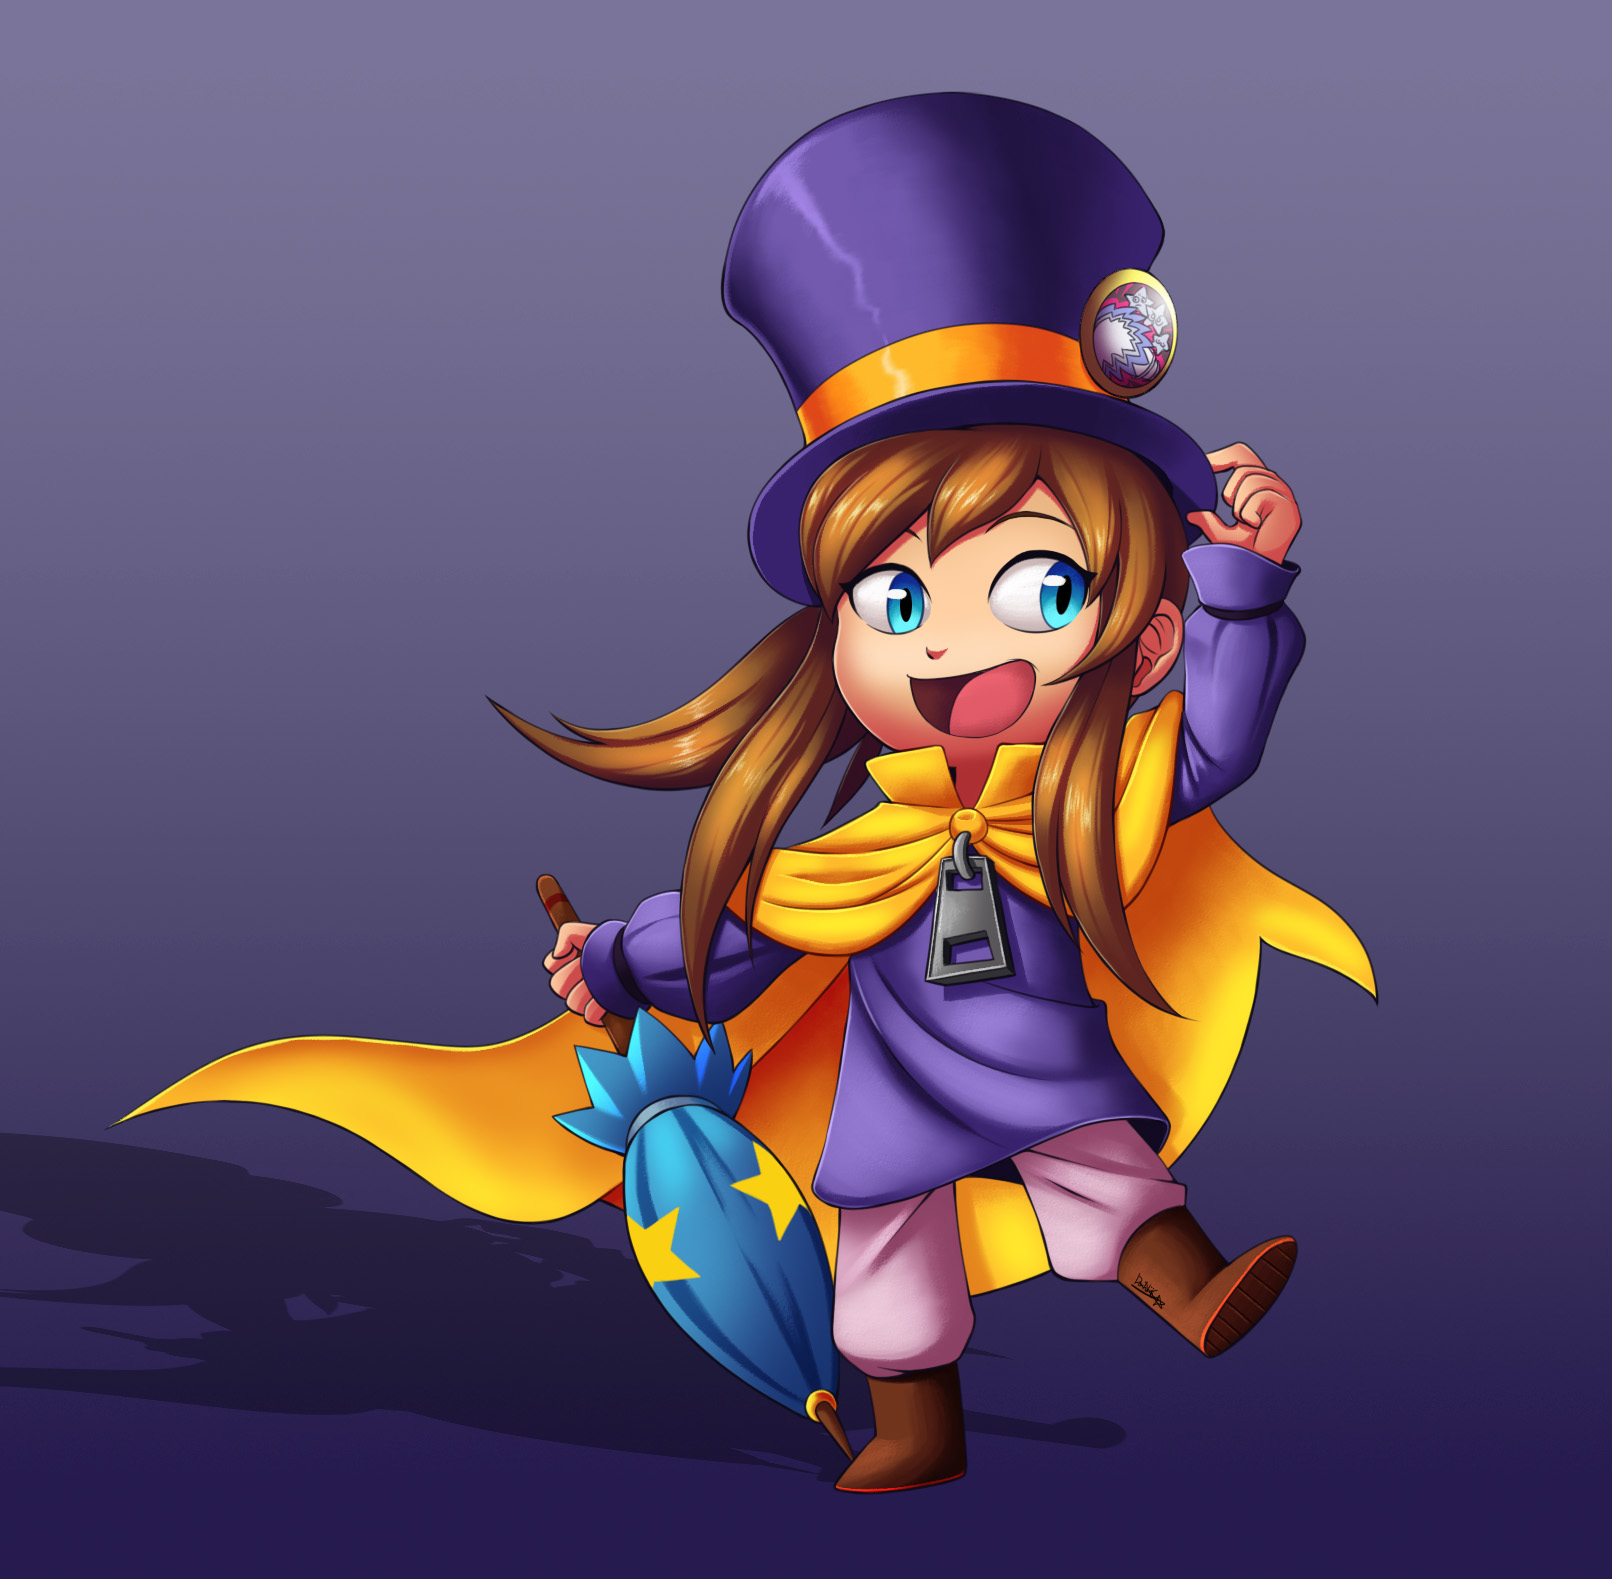 Hat Kid